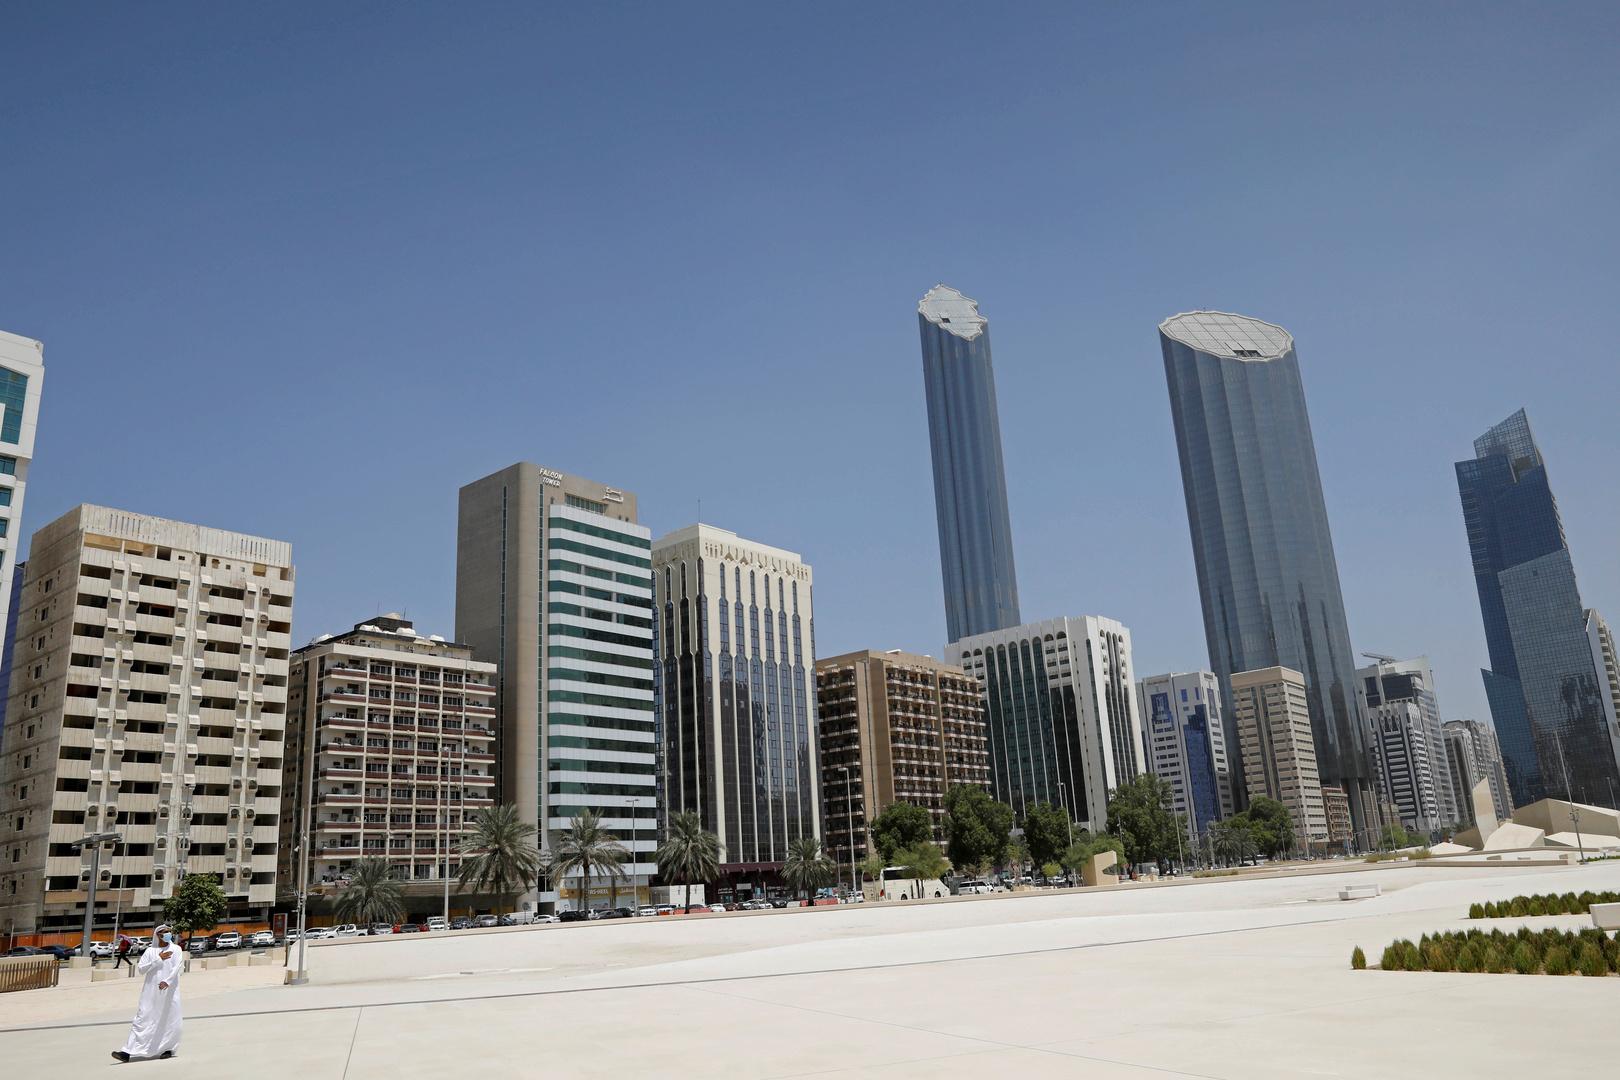 مجلس الإمارات للإفتاء يؤكد تأييده هيئة كبار العلماء بالسعودية في تصنيف